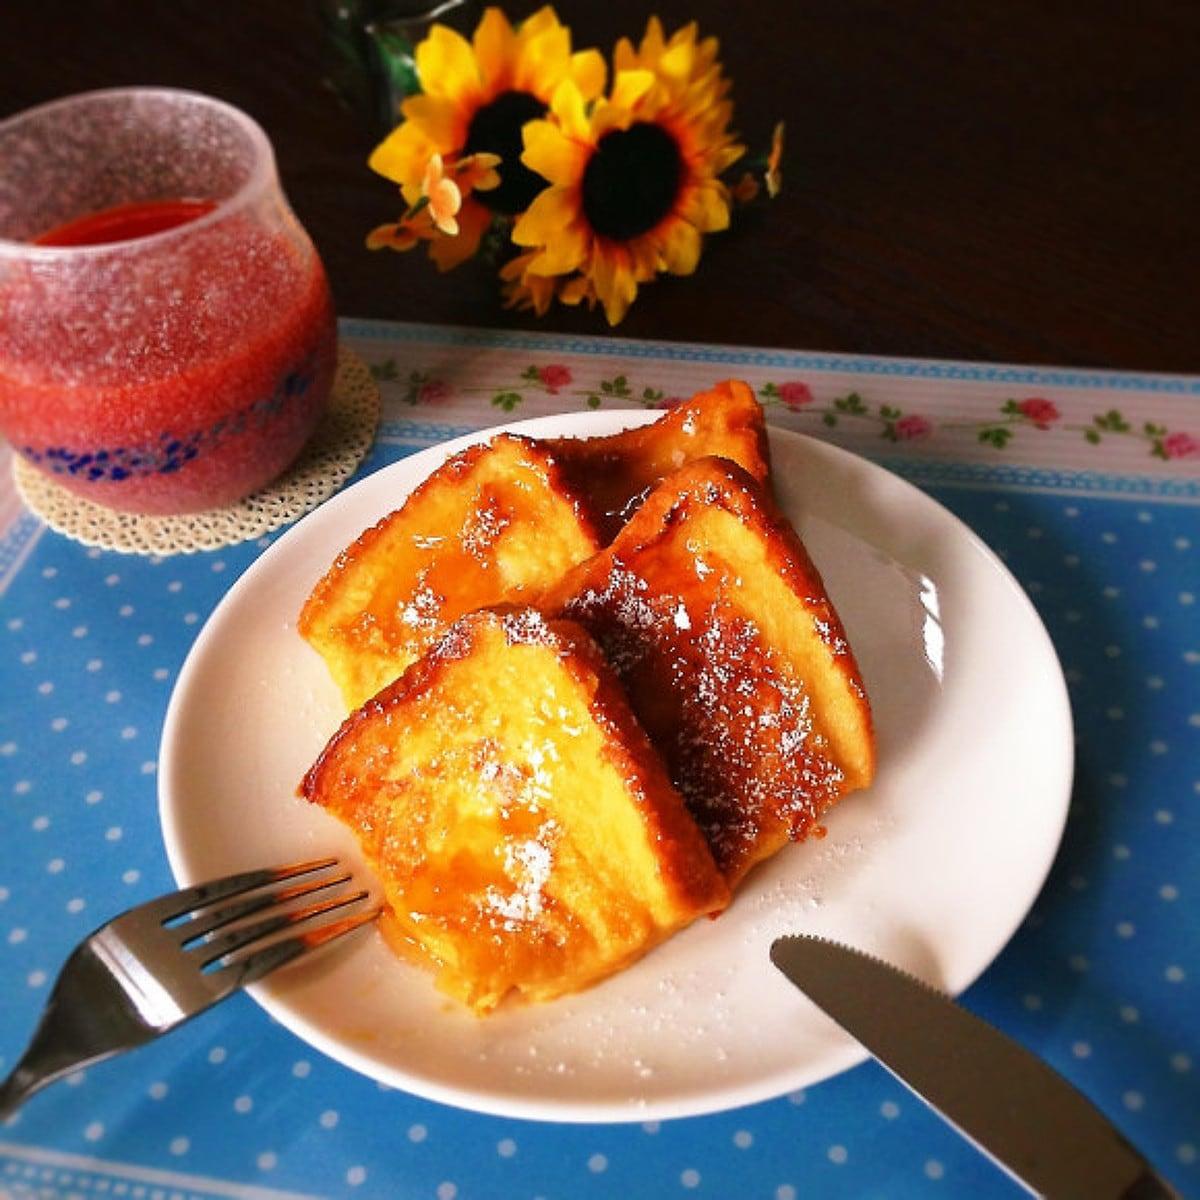 卵&牛乳なし!プリンひとつでフレンチトースト